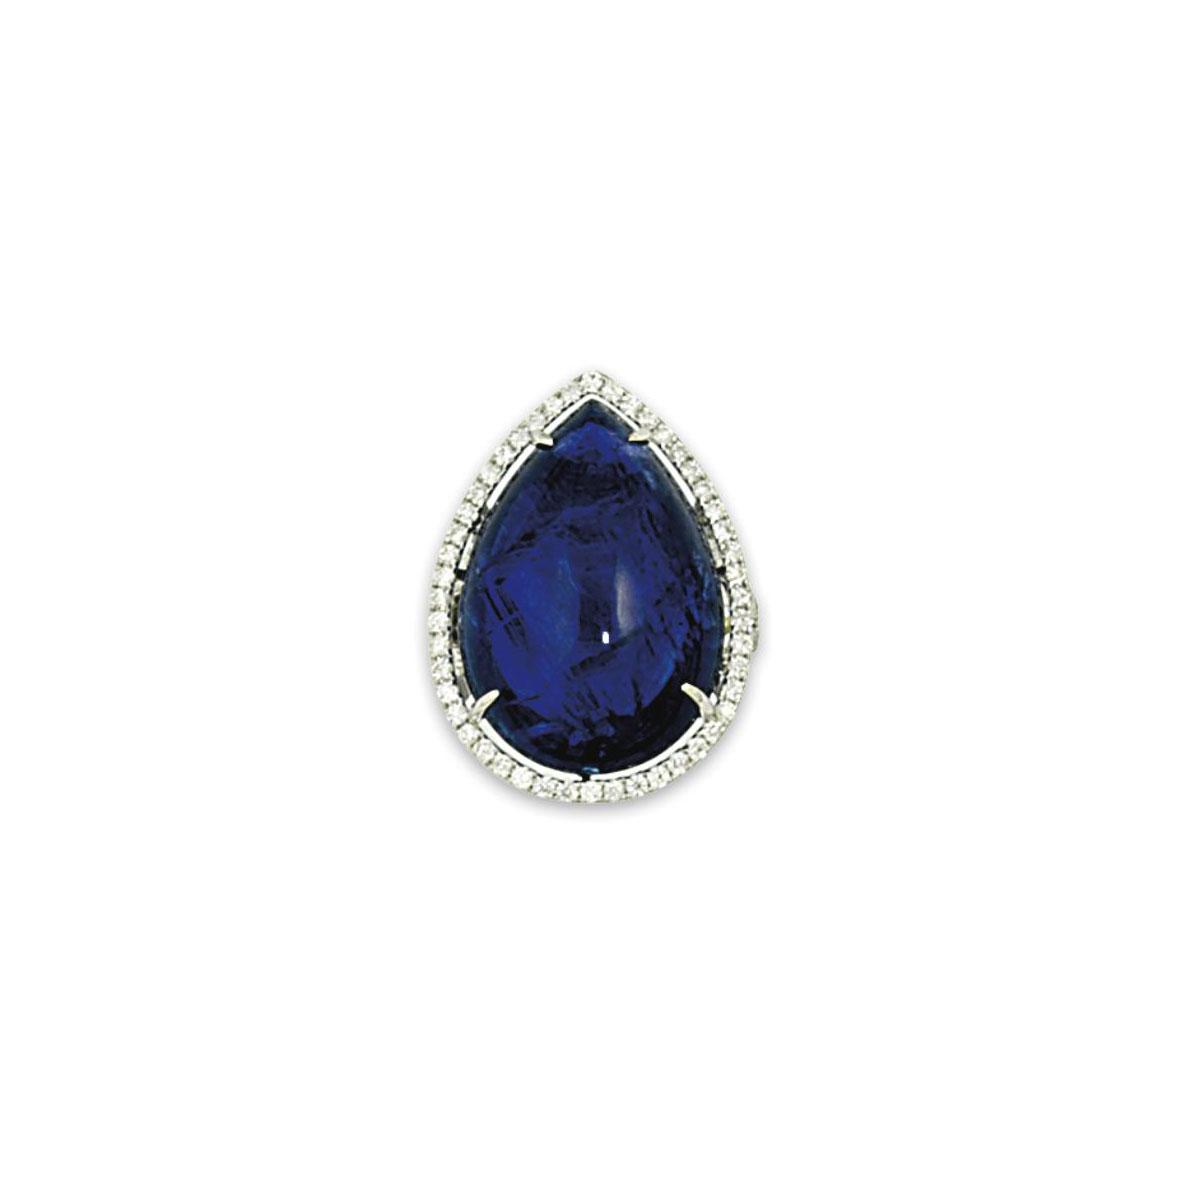 A tanzanite and diamond dress